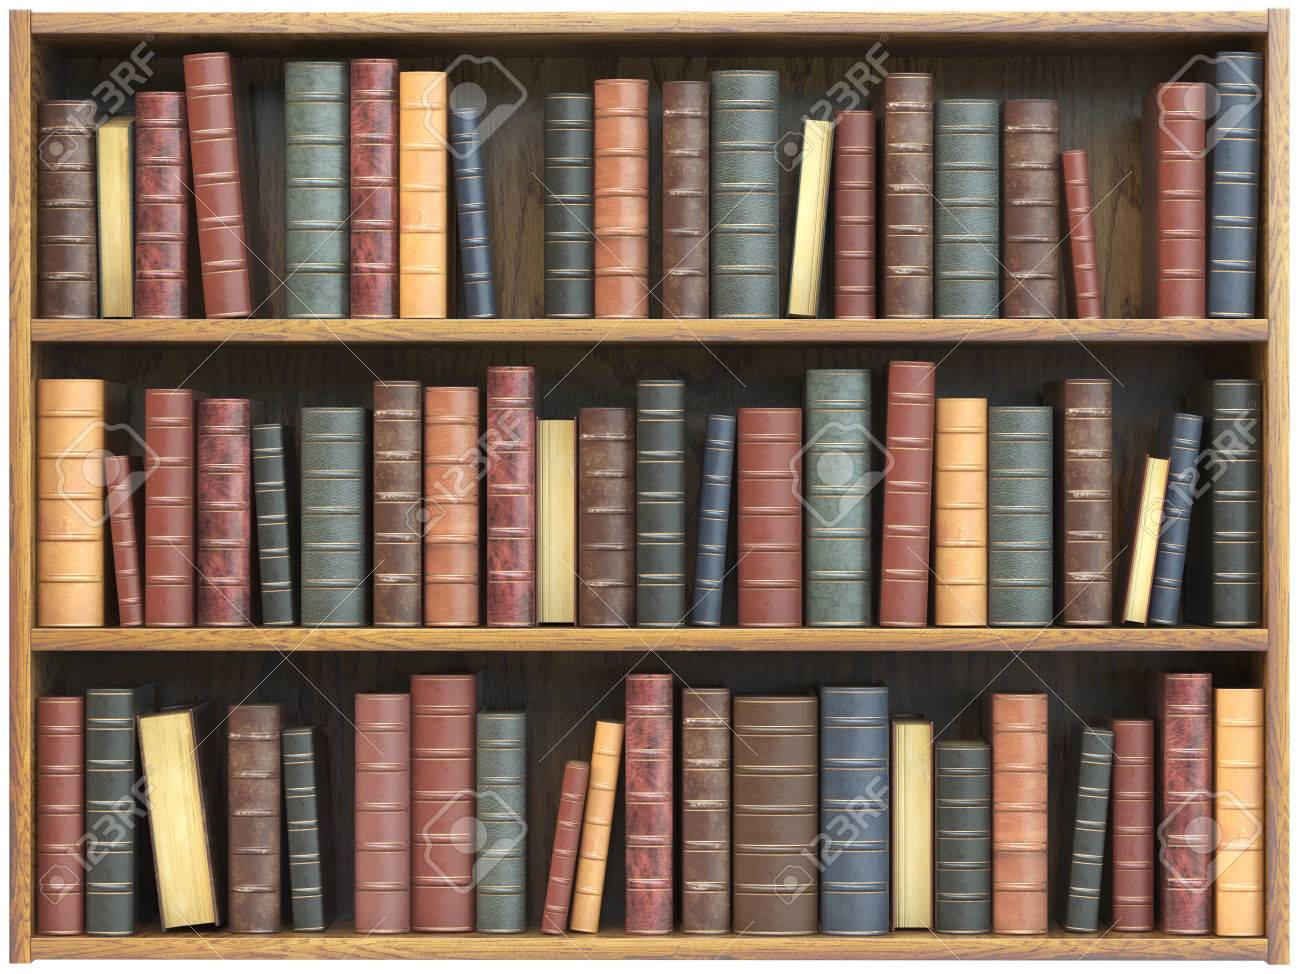 Boekenplank Met Boeken.Vintage Boeken Op Boekenplank Geisoleerd Op Een Witte Achtergrond